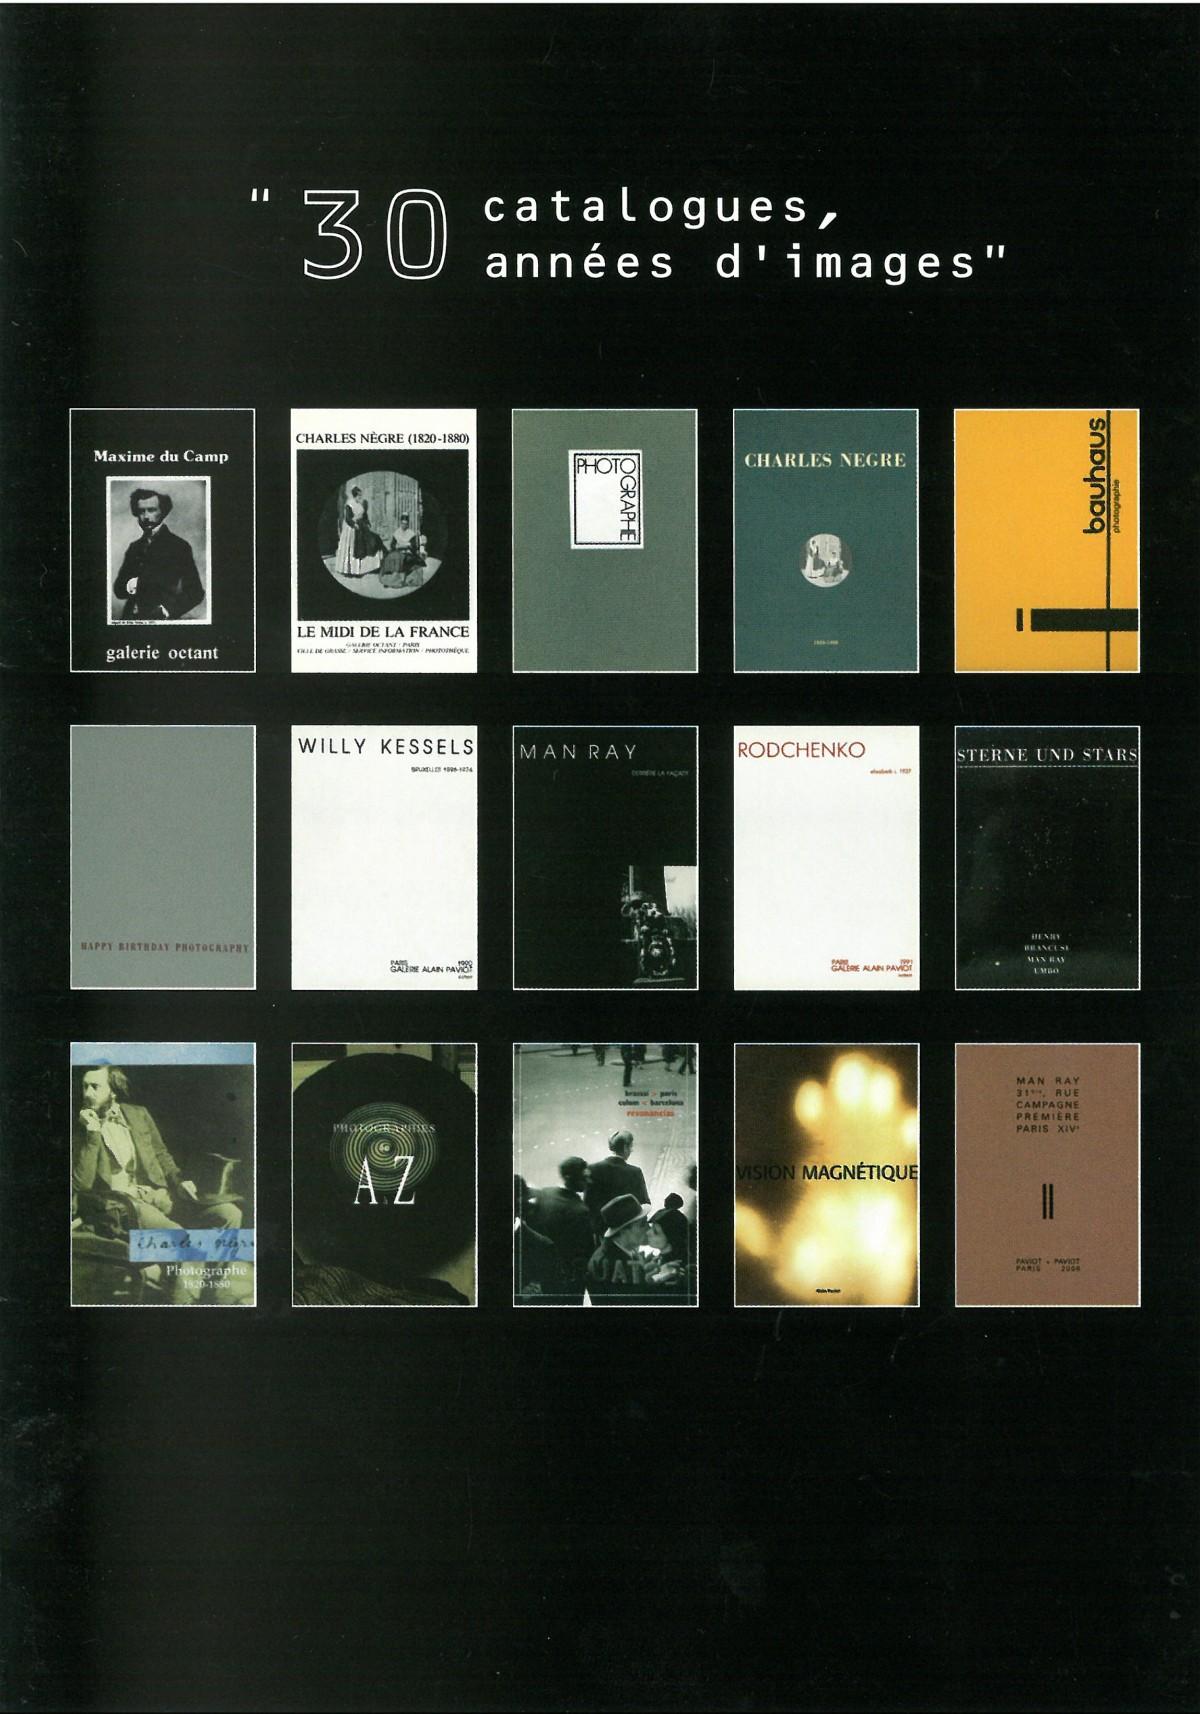 30-catalogues_françoise-paviot